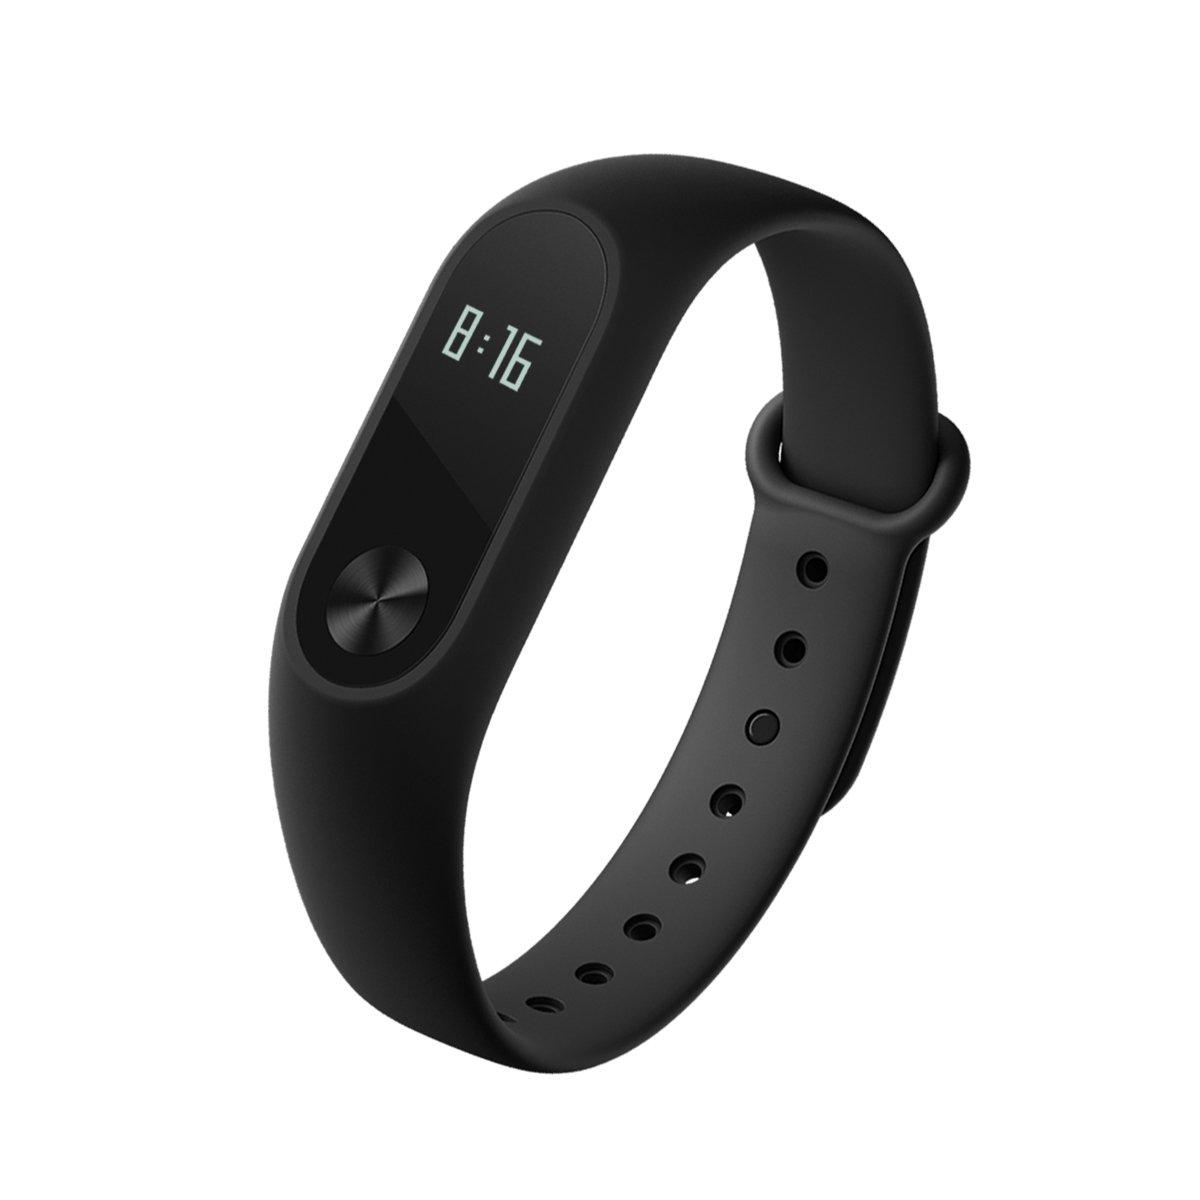 Xiaomi Mi Band 2 Activity Tracker, Cardiofrequenzimetro da Polso Braccialetto Fitness Tracker Bluetooth 4.0 Pedometro Monitoraggio del Sonno Impermeabile IP67 per Android e IOS, nero MGW4024GL